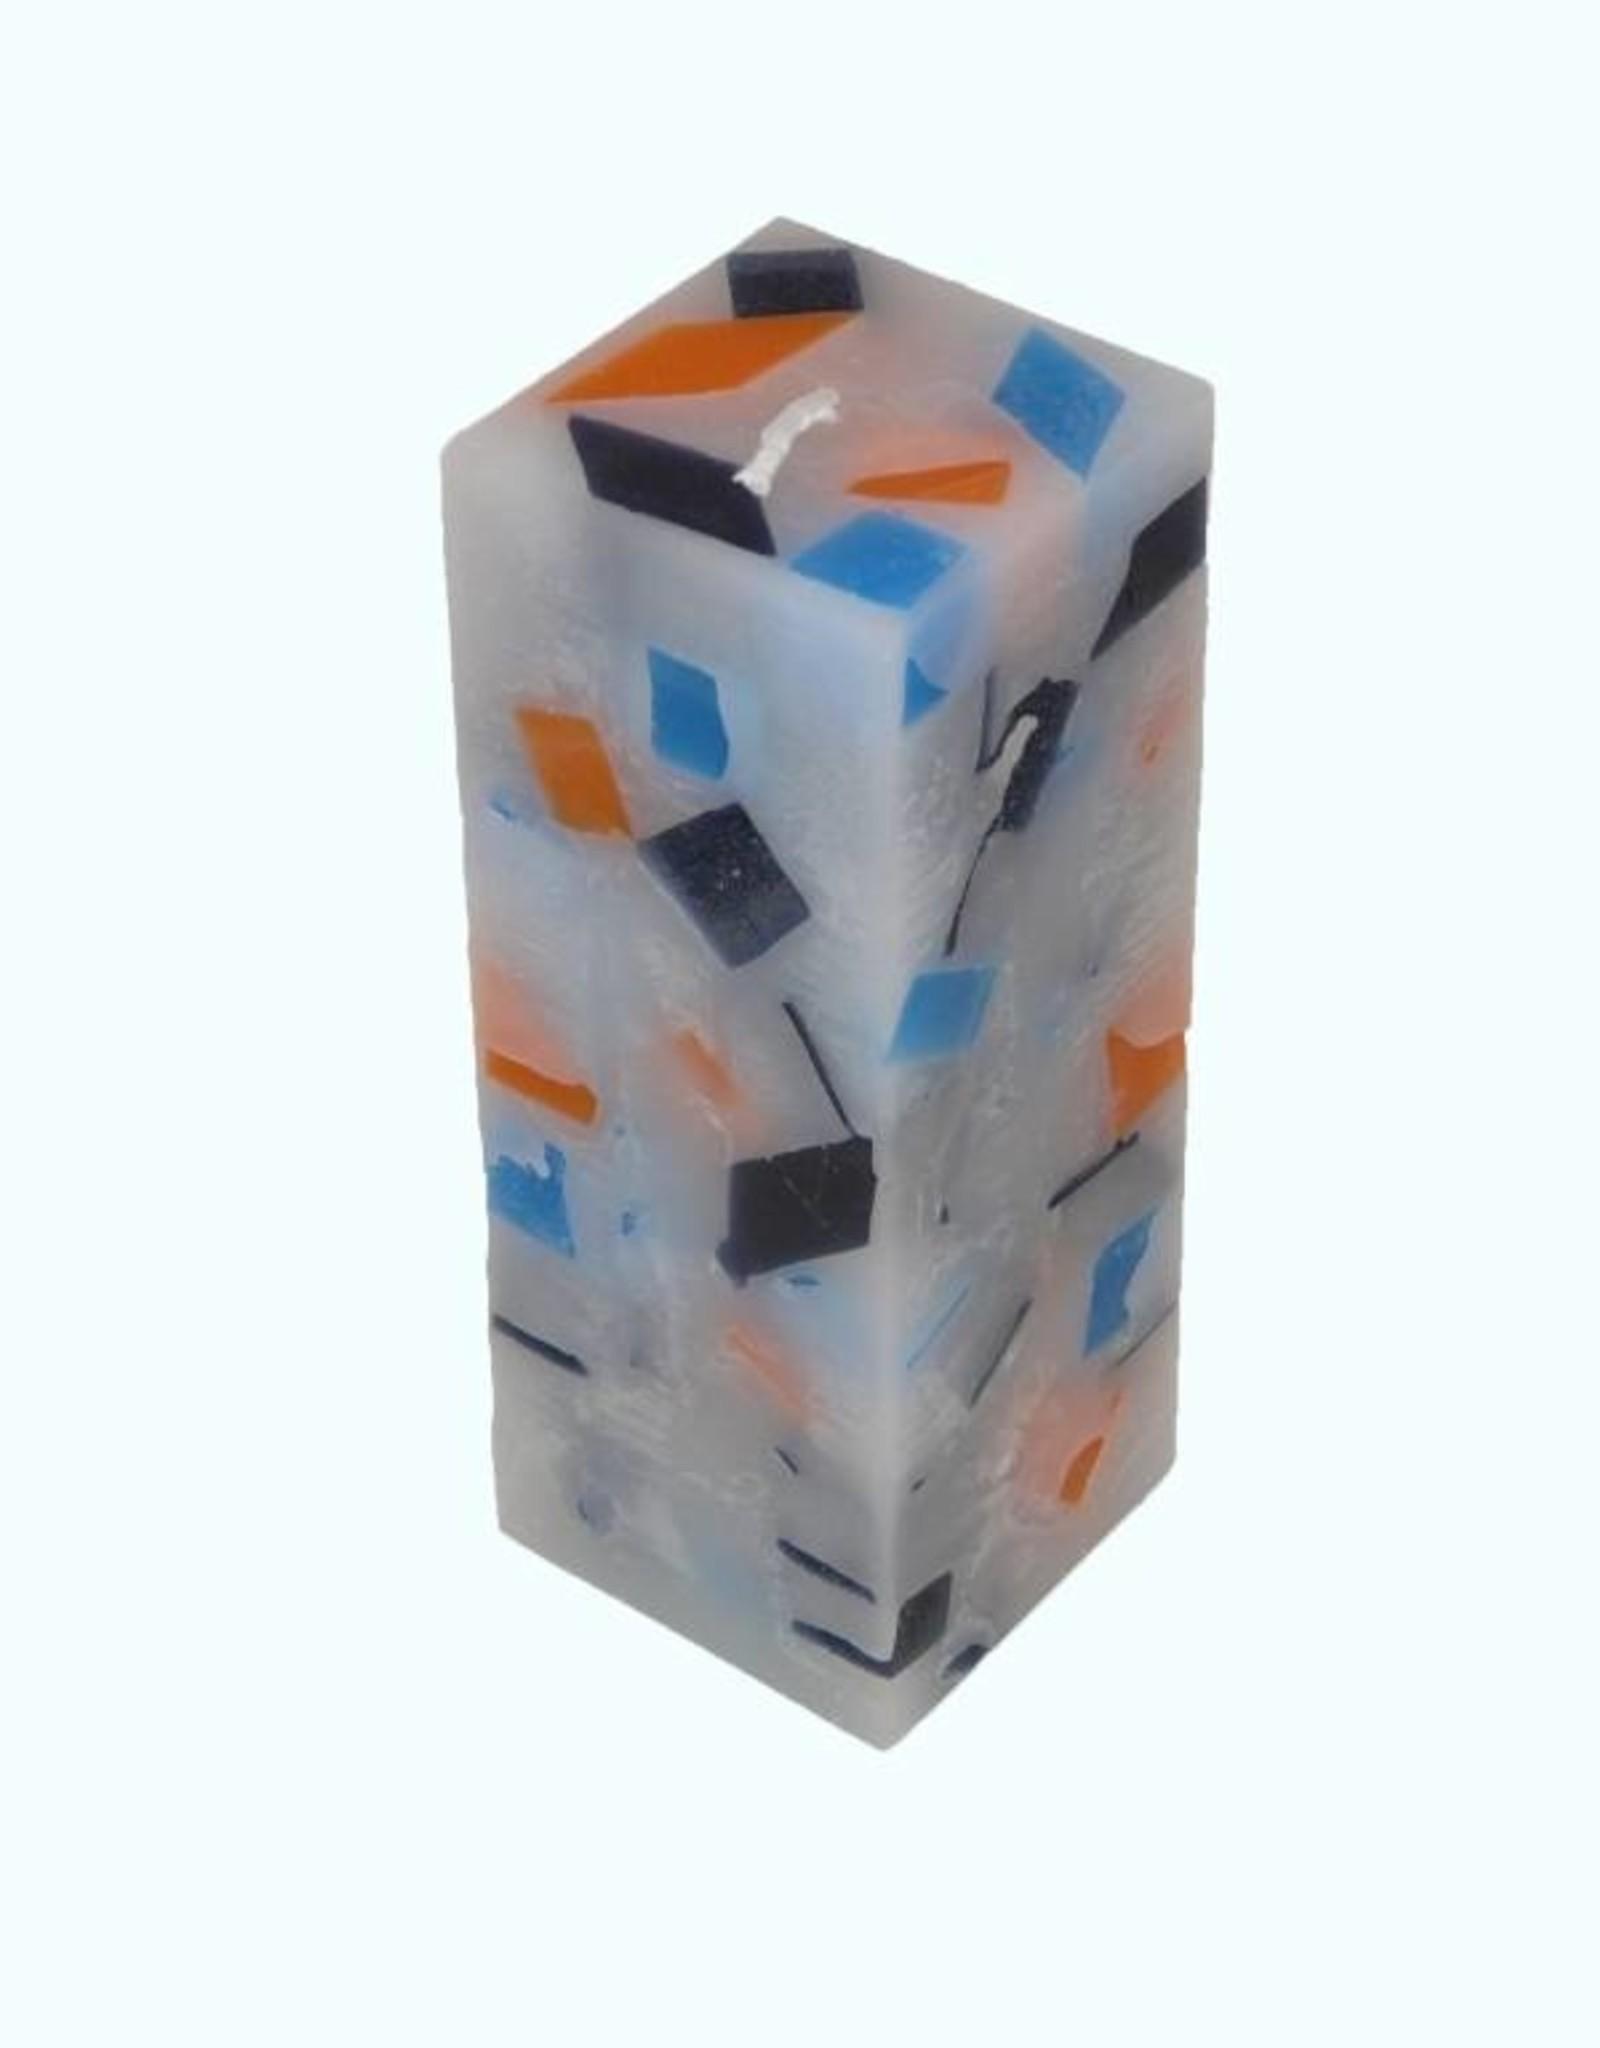 Mozaïek Kaars Vierkant Donker Blauw-Felblauw-Oranje 6x6x16 cm